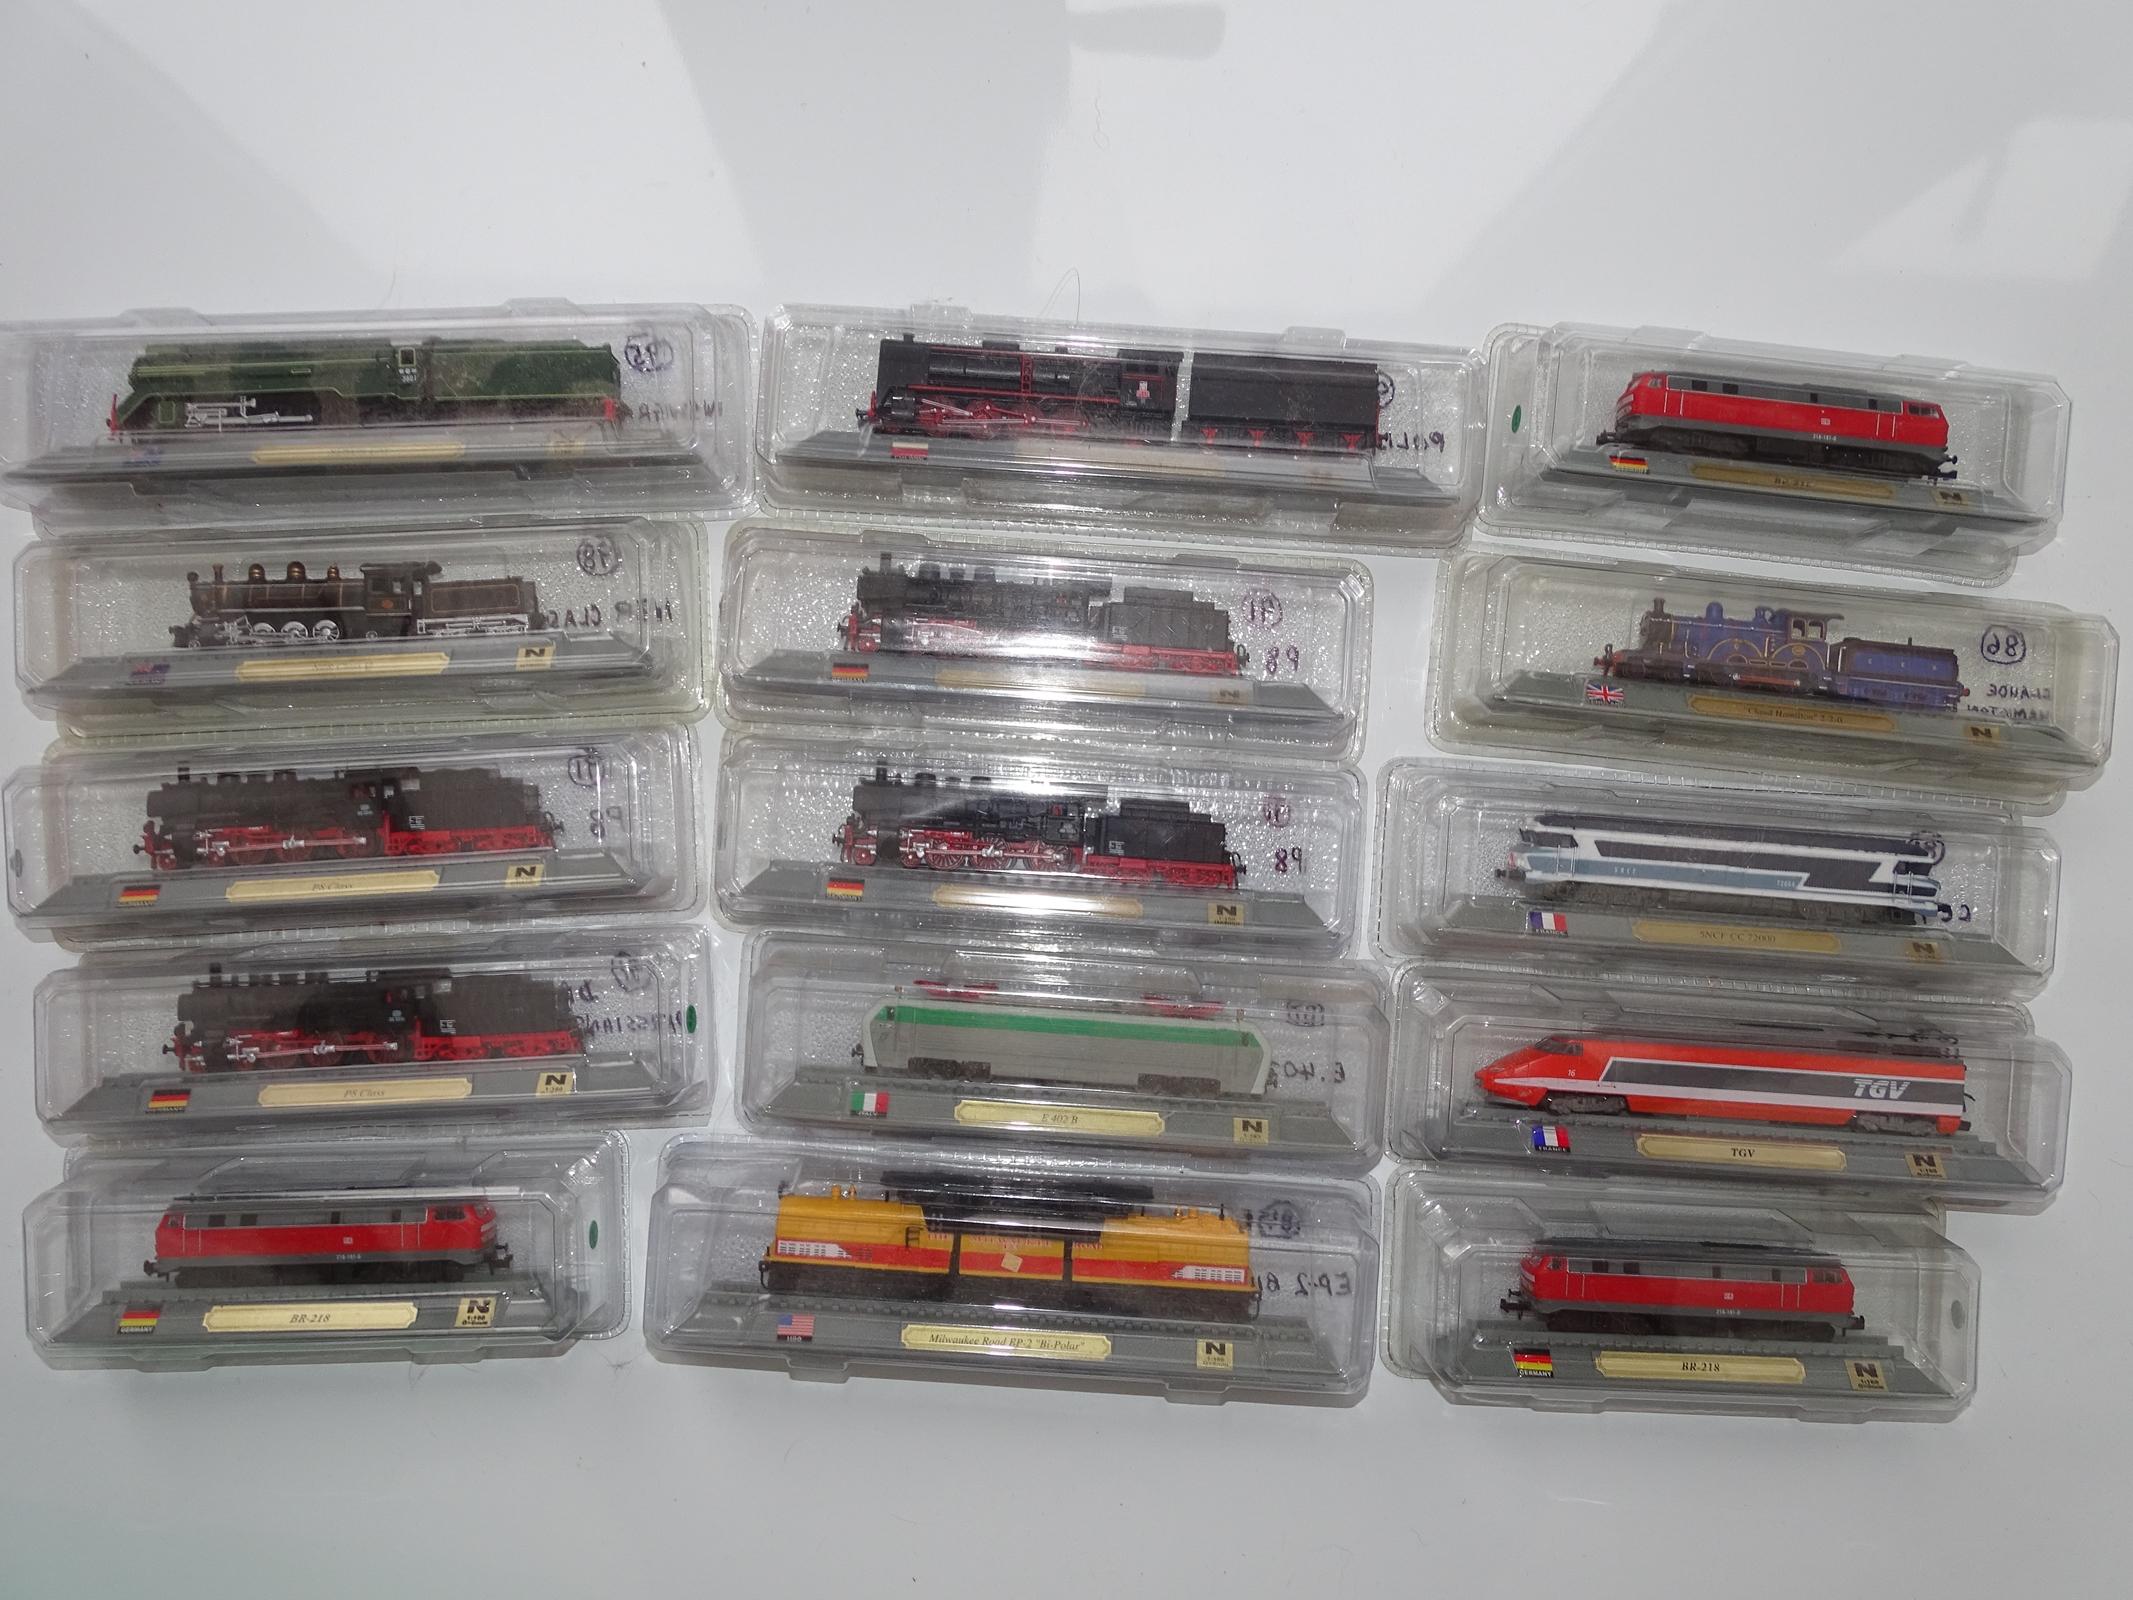 Lot 23 - N Gauge - A group of N Gauge static Del Prado locomotive models as lotted - E, sealed in original